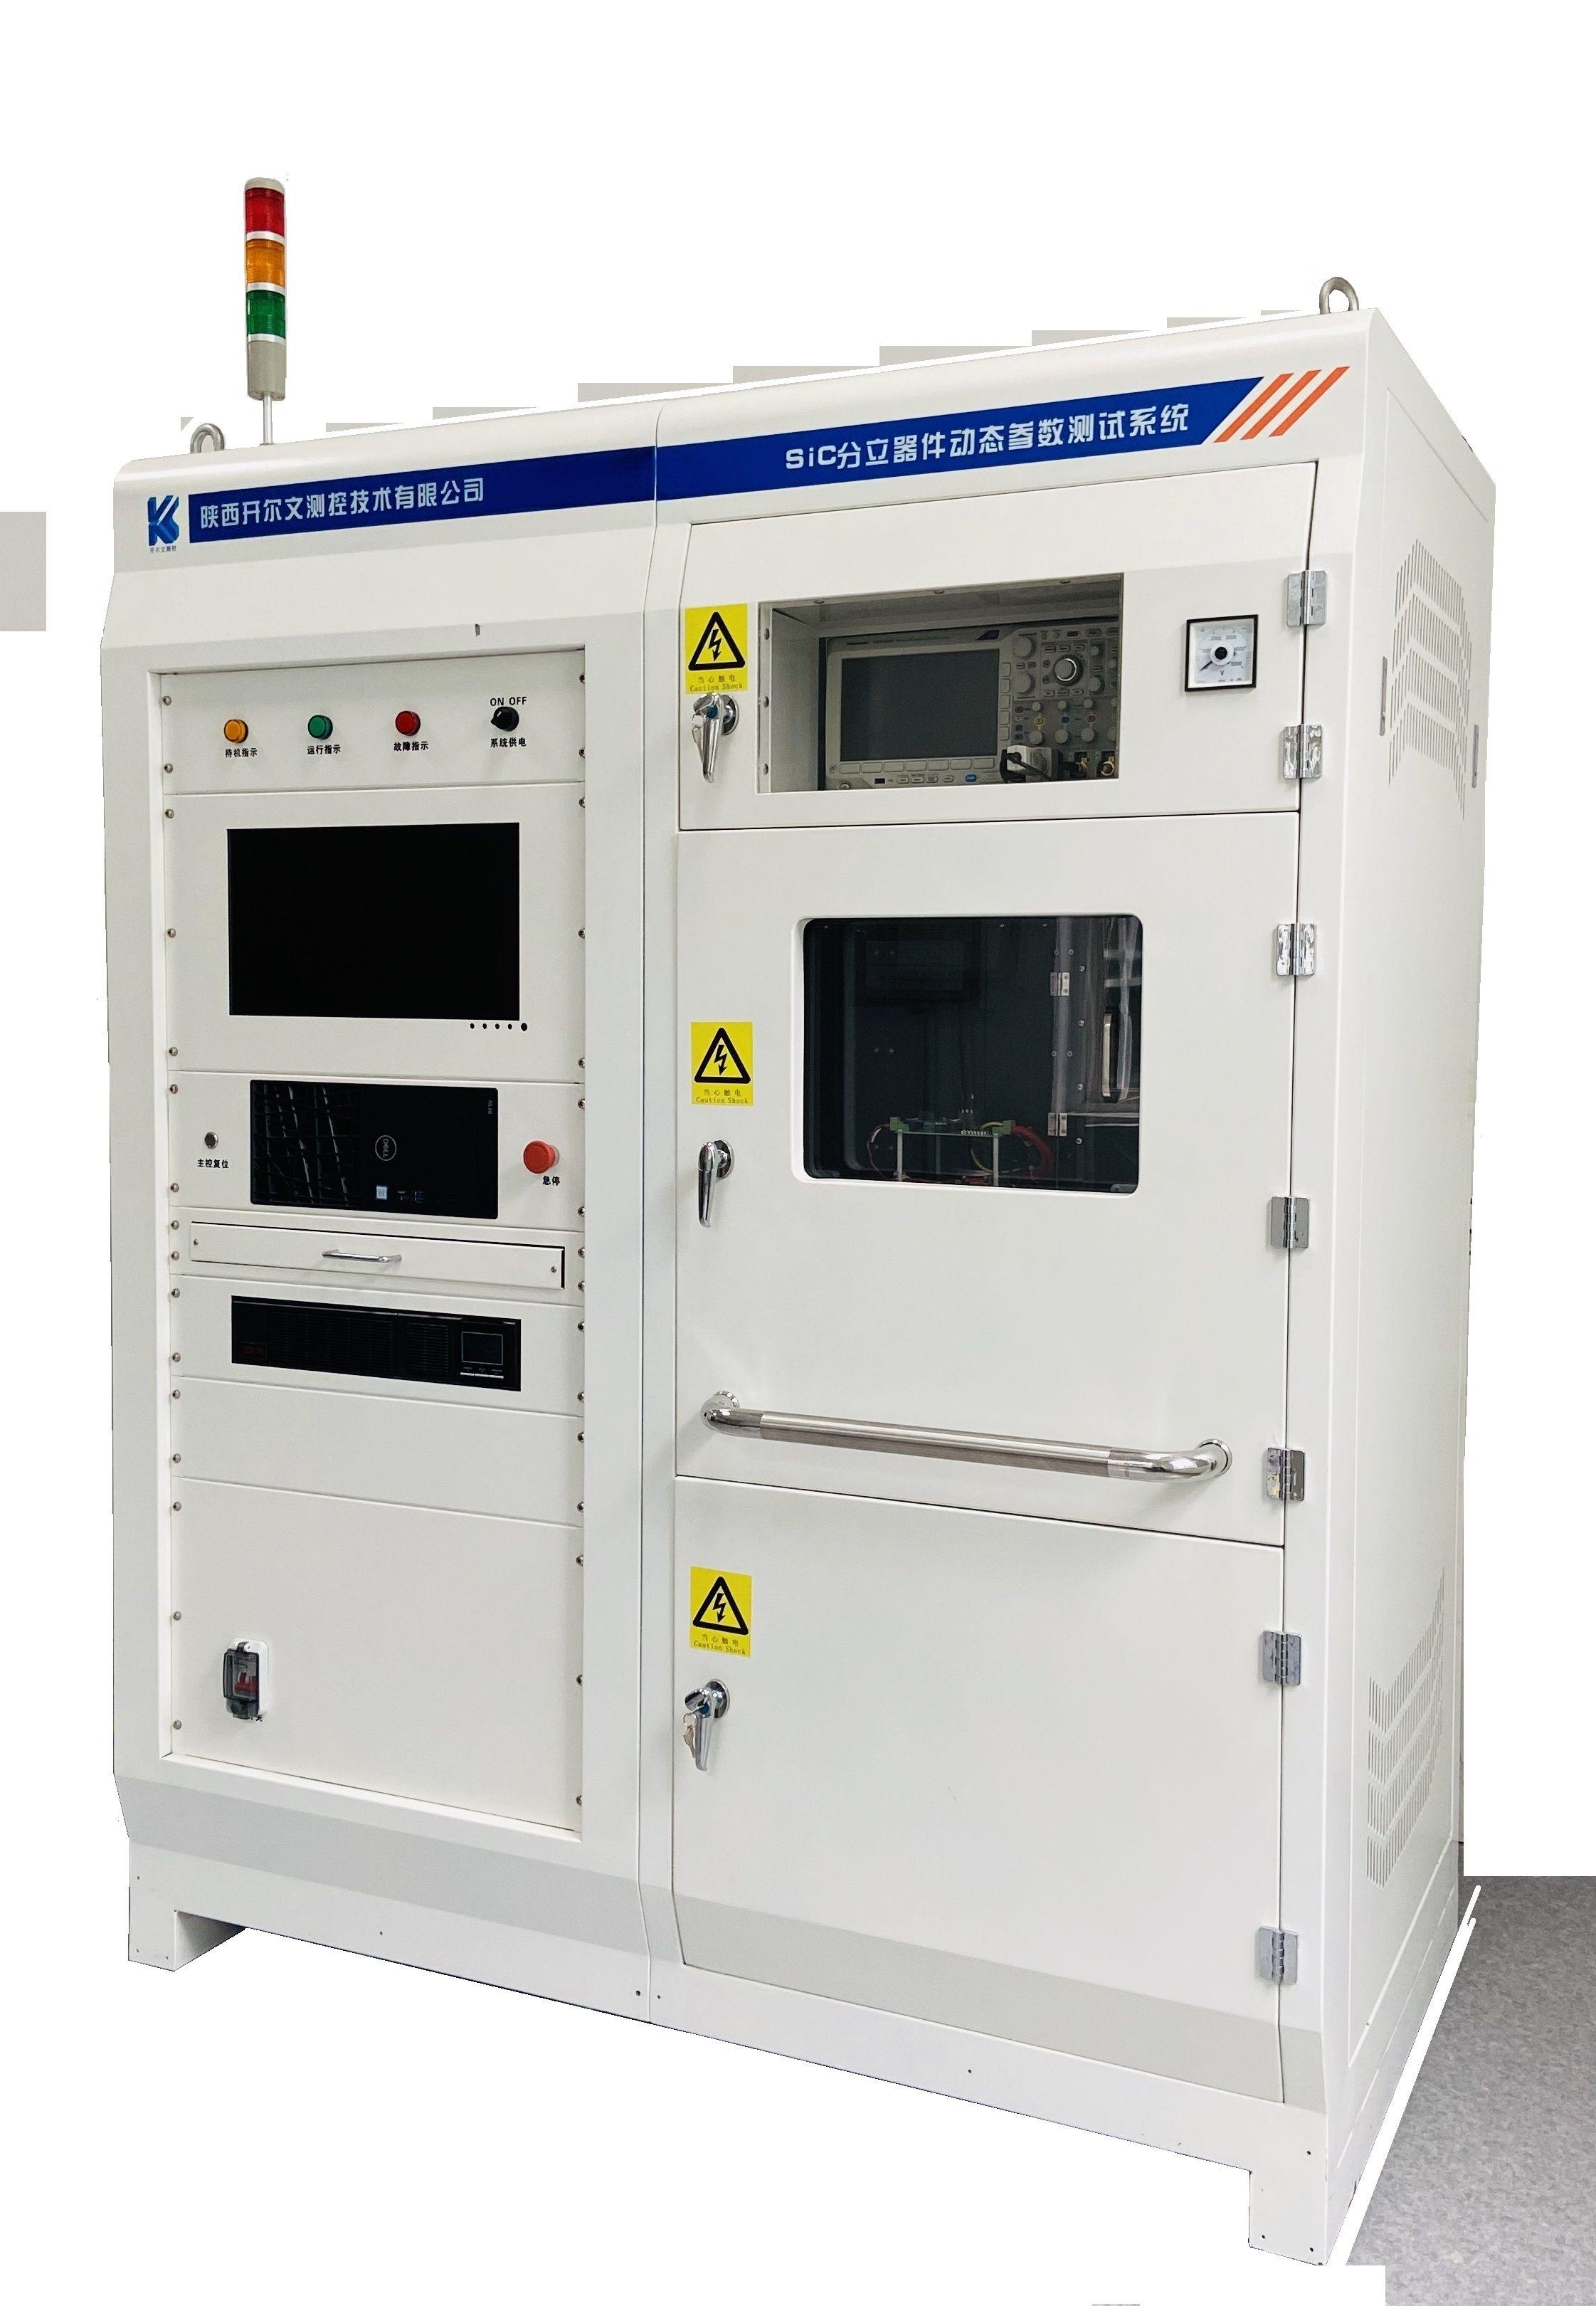 碳化硅功率器件動態參數測試系統